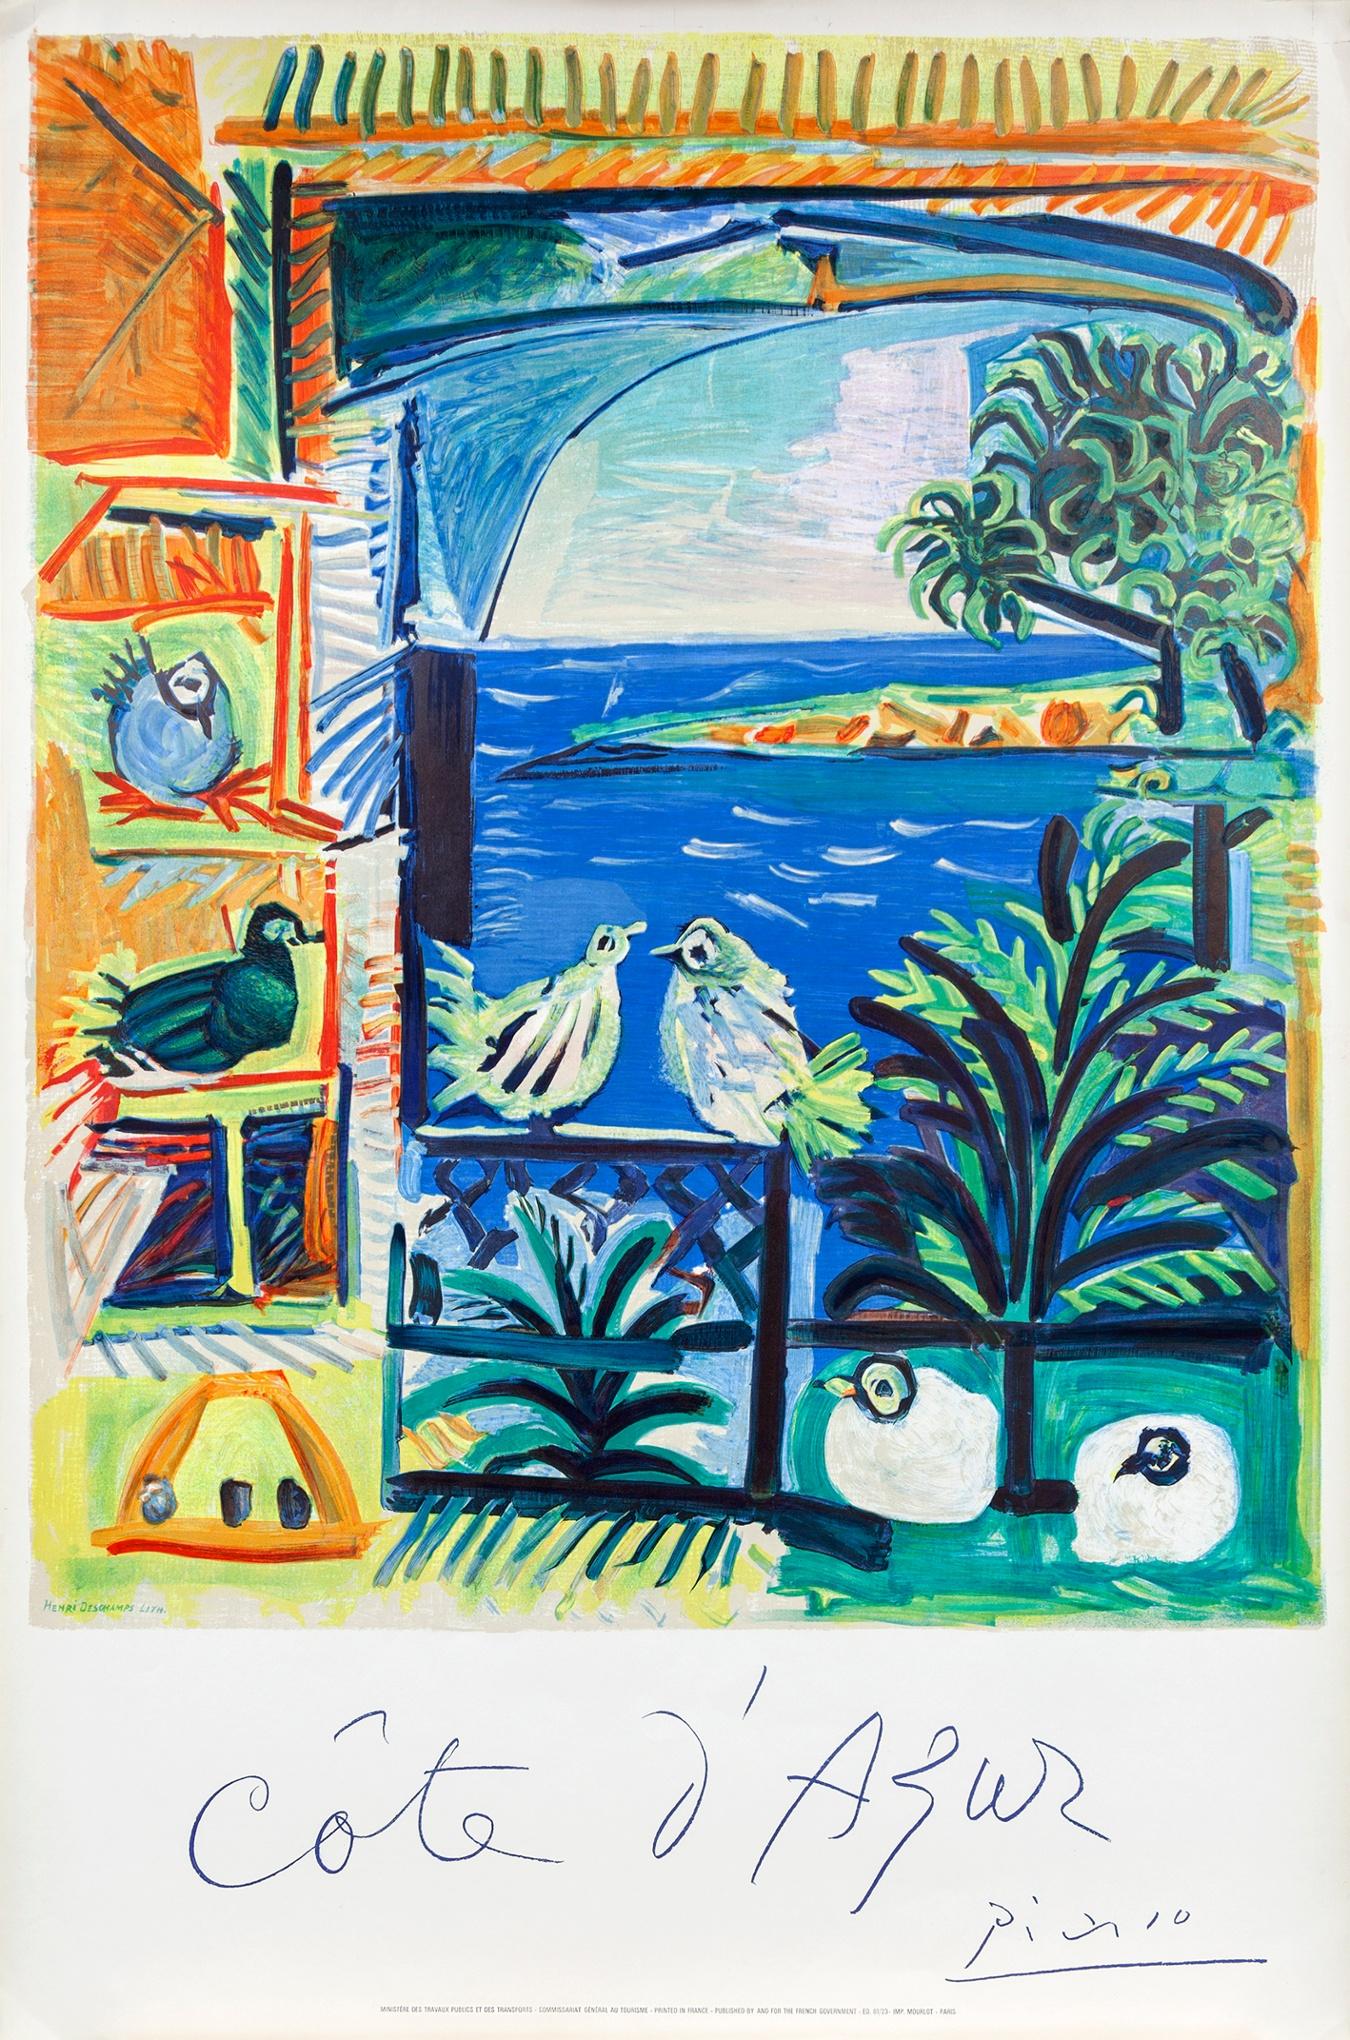 """Пабло Пикассо. """"Кот д'Азур"""". В 1962 году Французское управление туризма заказало Пикассо рекламу курорта Кот д'Азур. Что он и сделал, взяв за основу собственную картину 1957 года из серии картин, написанных с видов из окна виллы в Калифорнии."""